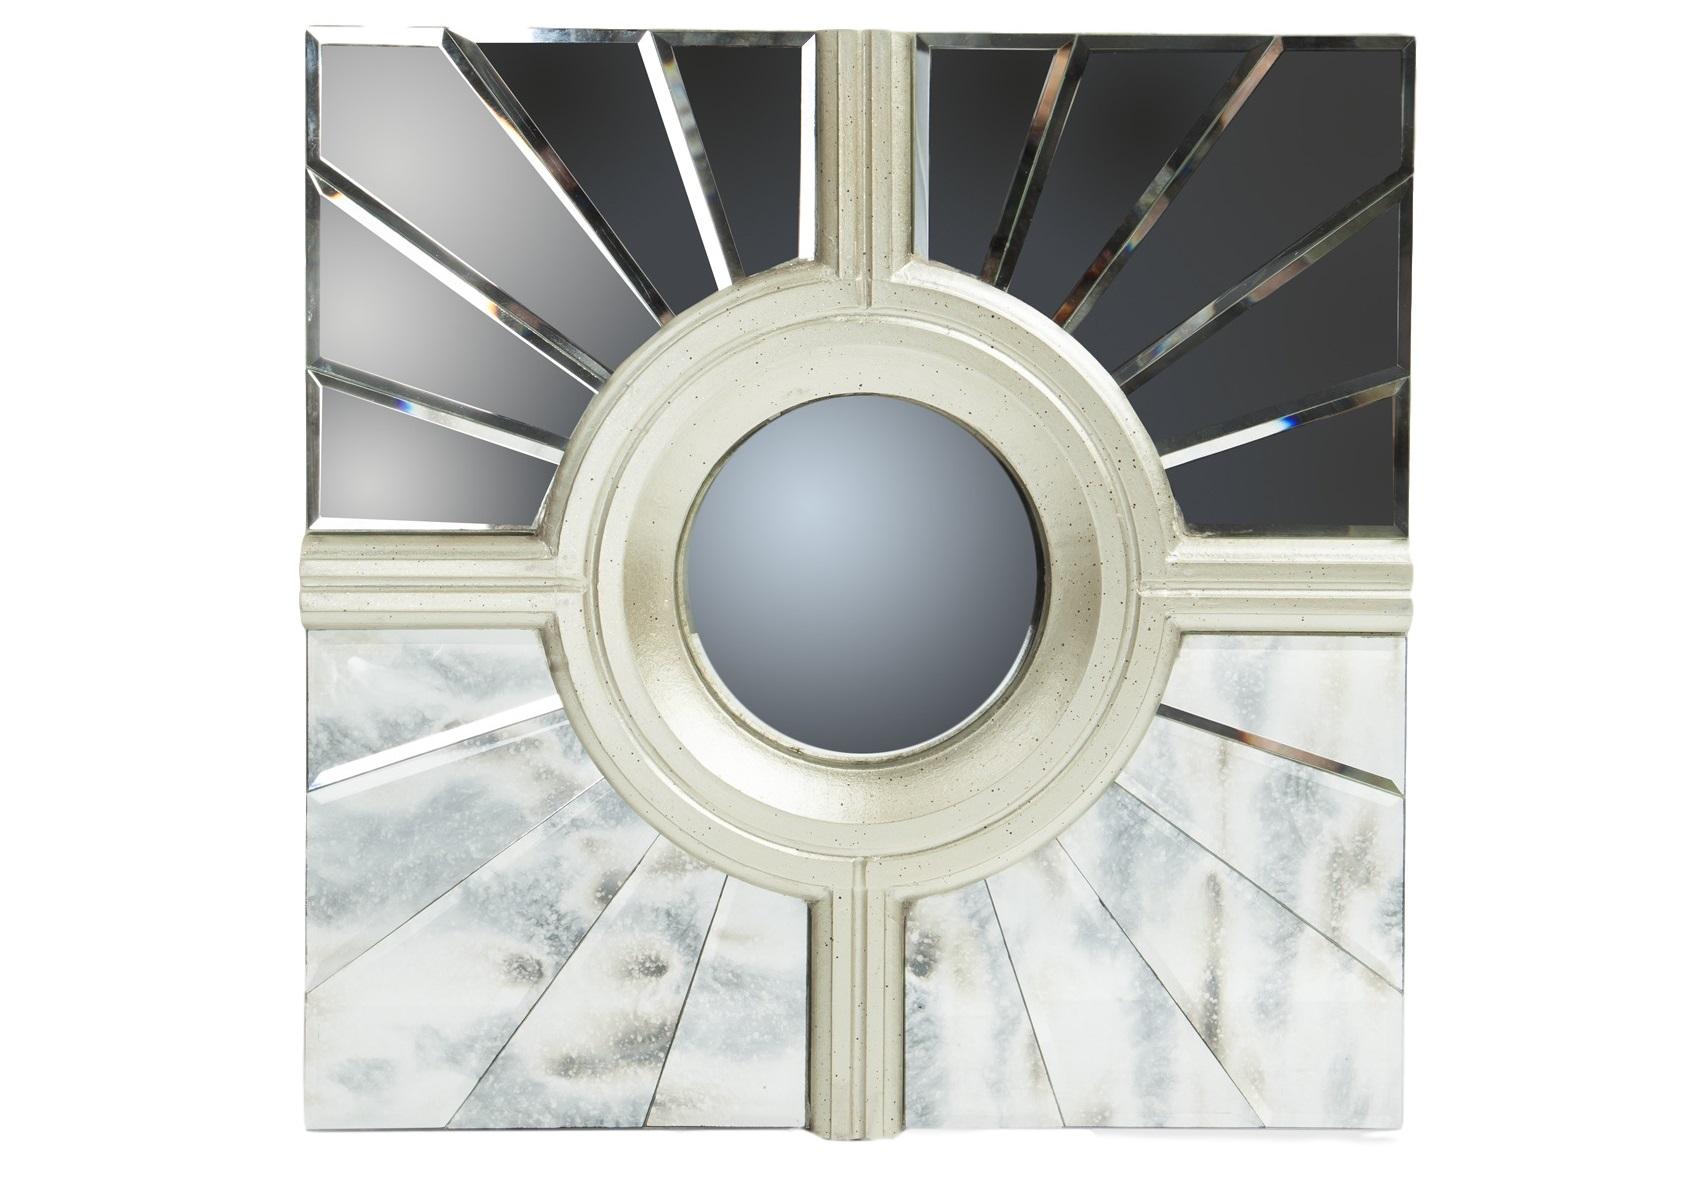 Зеркальный декорПанно<br>Настенный декор в квадратной раме, декорированной вставками из зеркального стекла. В центре круглое выпуклое зеркало.<br><br>Material: Стекло<br>Width см: 48<br>Depth см: 3<br>Height см: 48